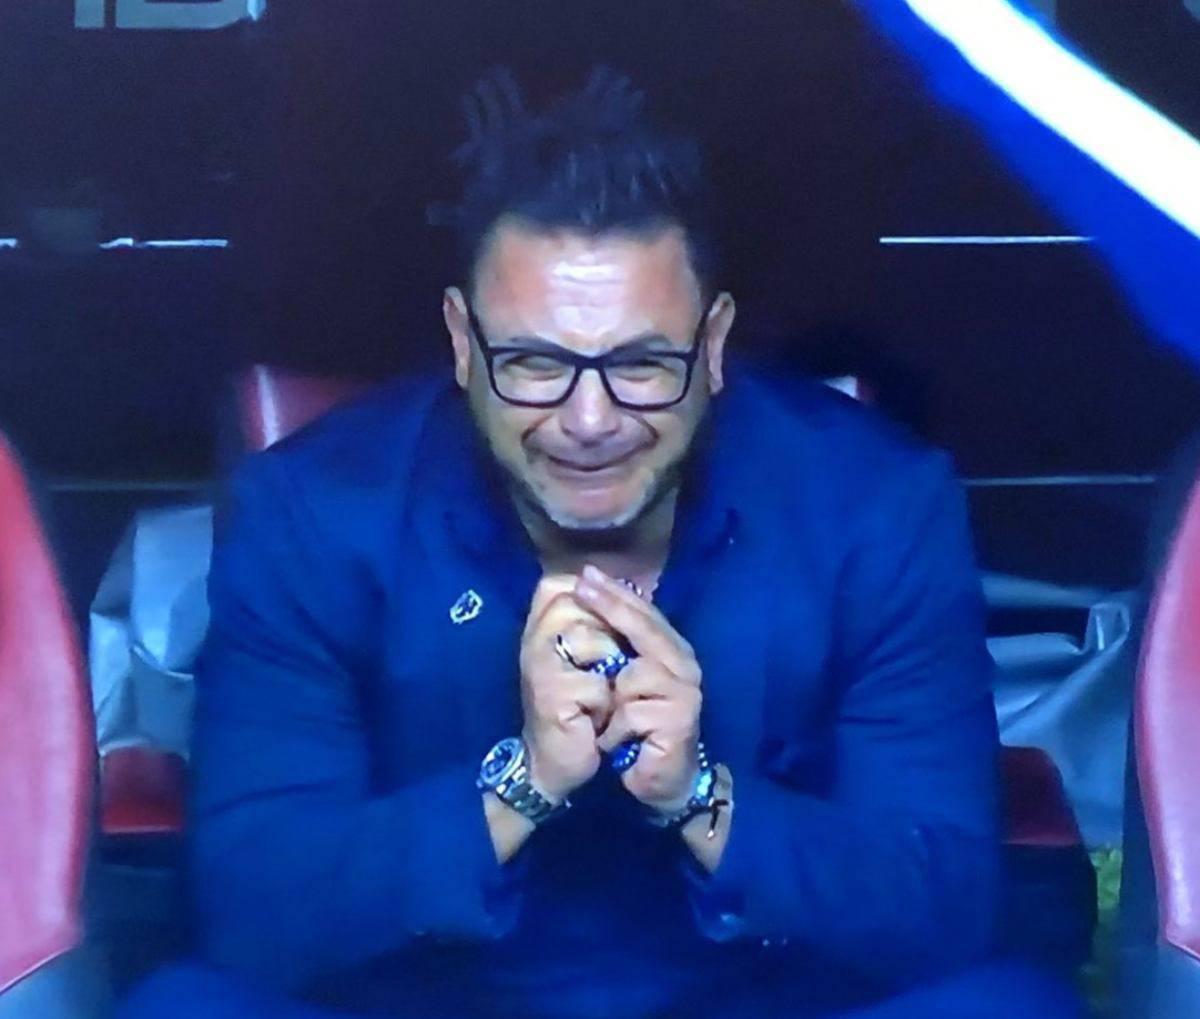 L'allenatore del Monterrey in lacrime dopo la vittoria dello scudetto. La dedica al figlio scomparso